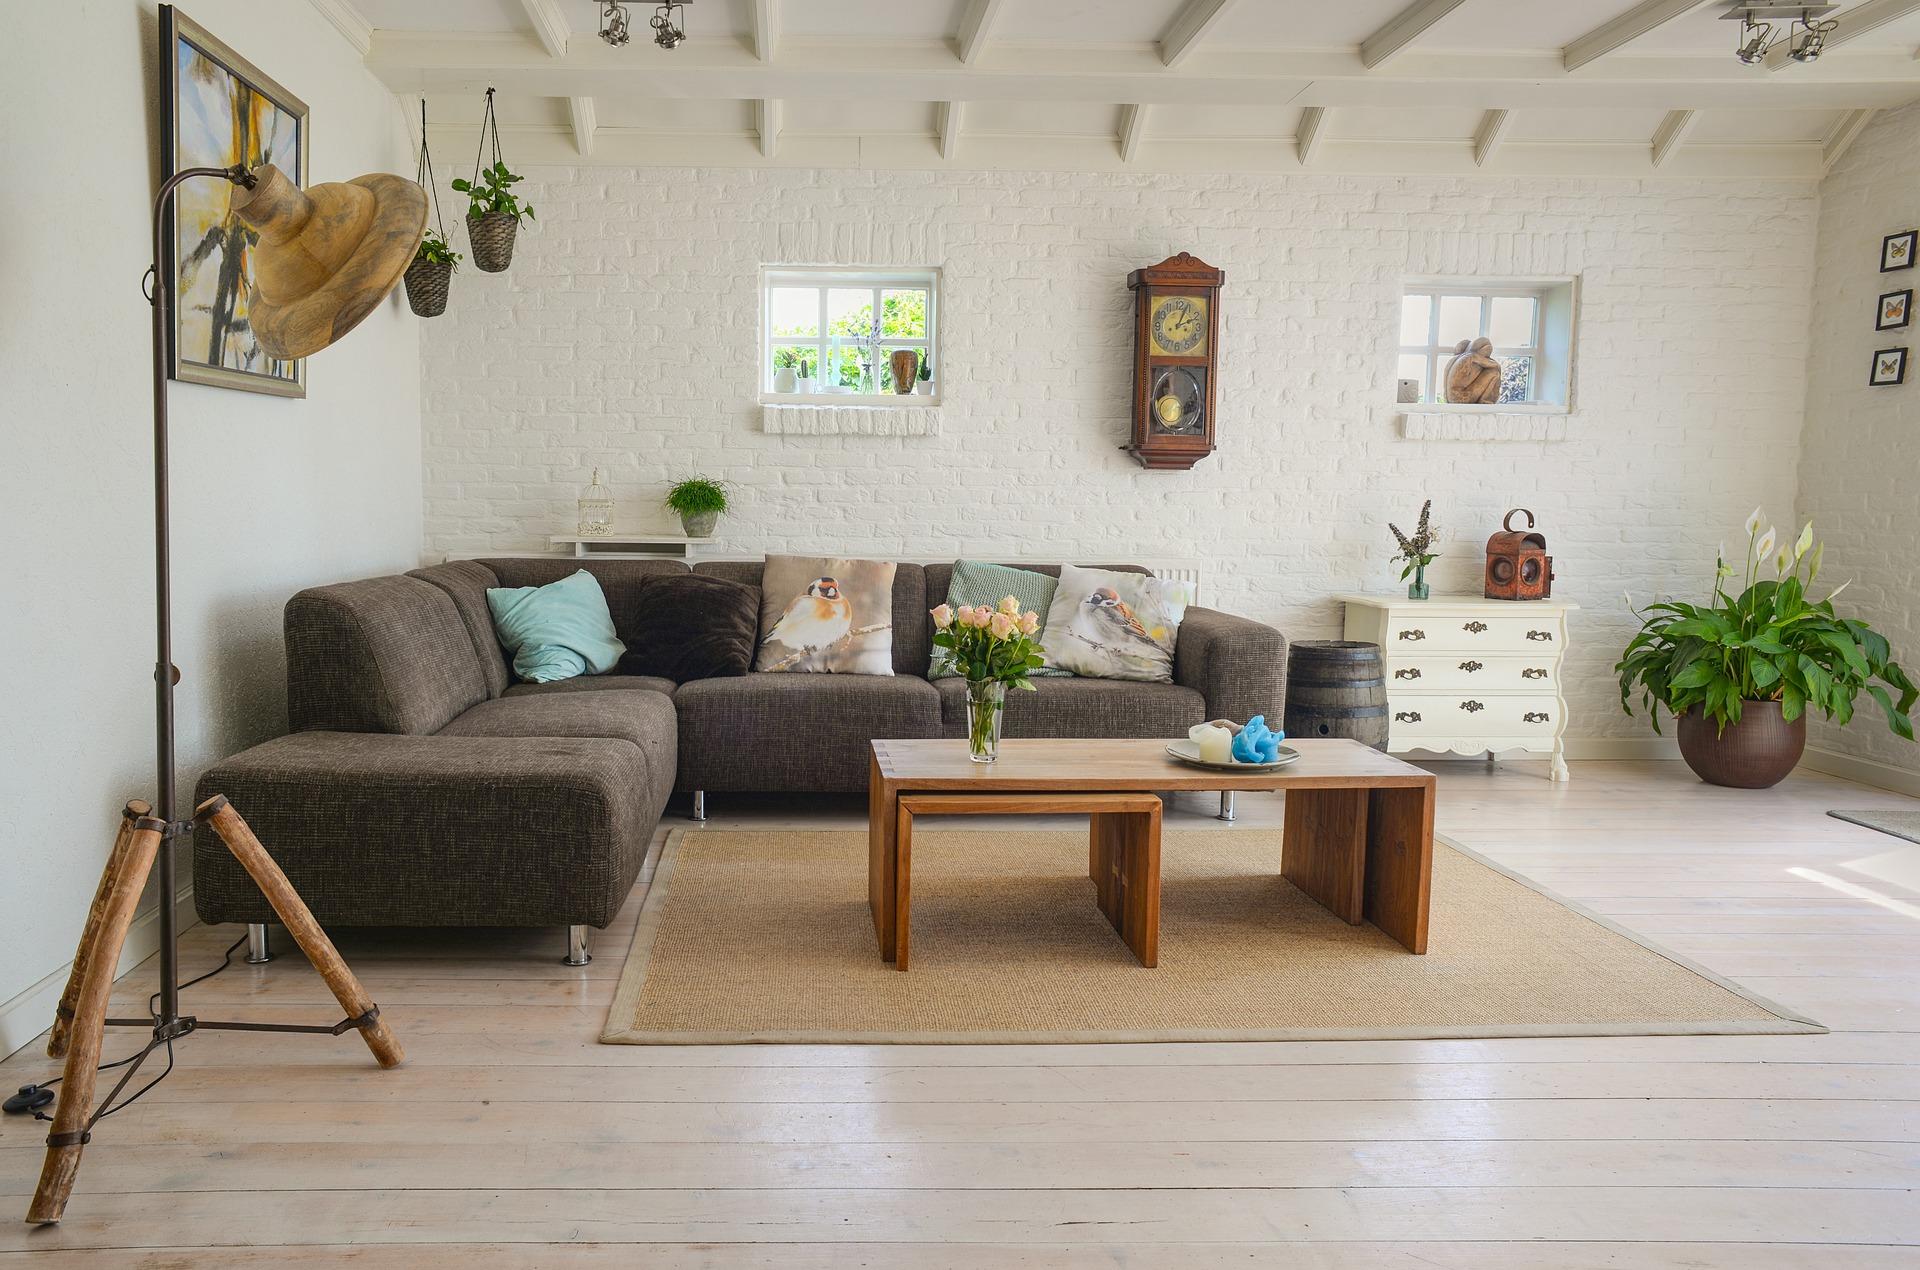 Kies een hoekbank die bij je past #hoekbank #interieur #interieurinspiratie